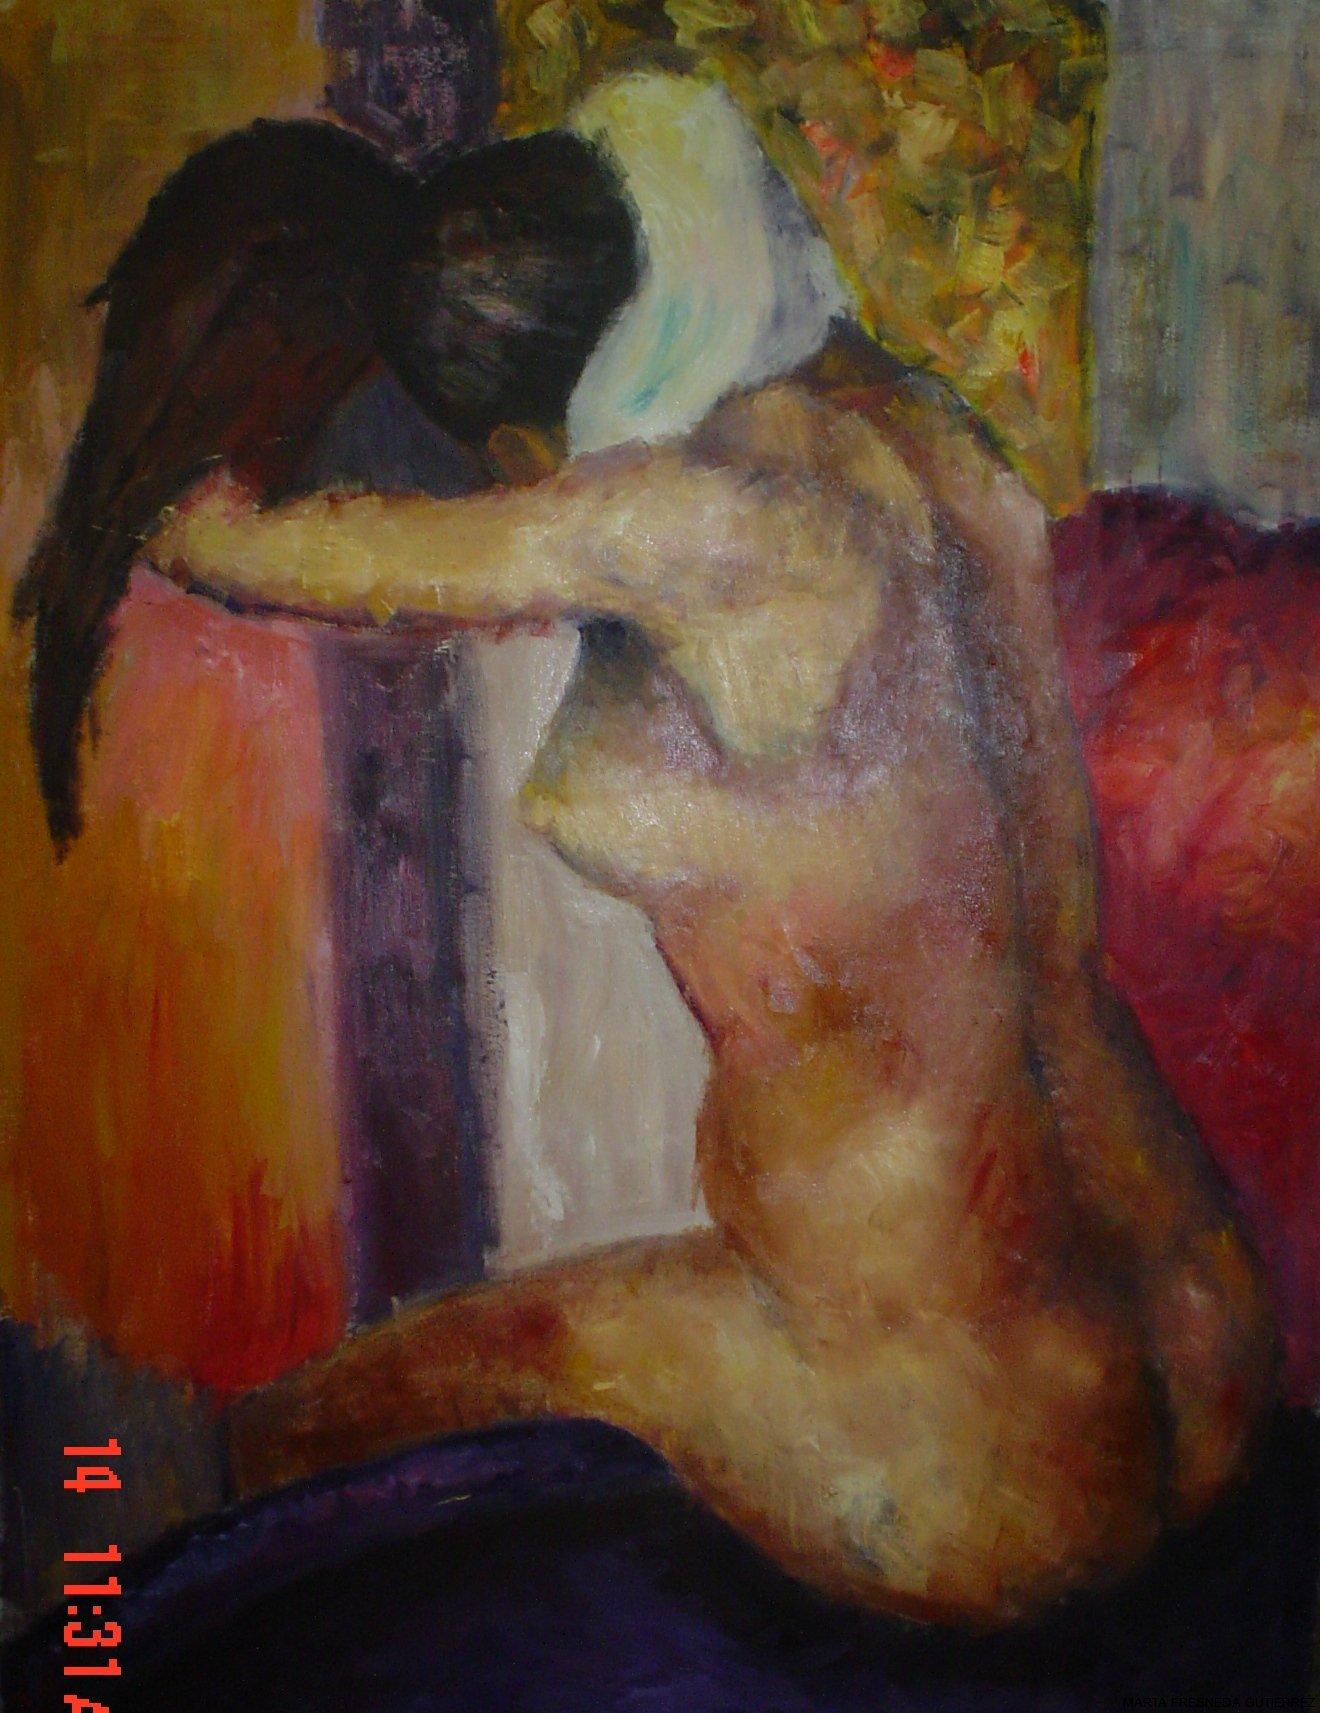 Desnudo #1/Nudo #1